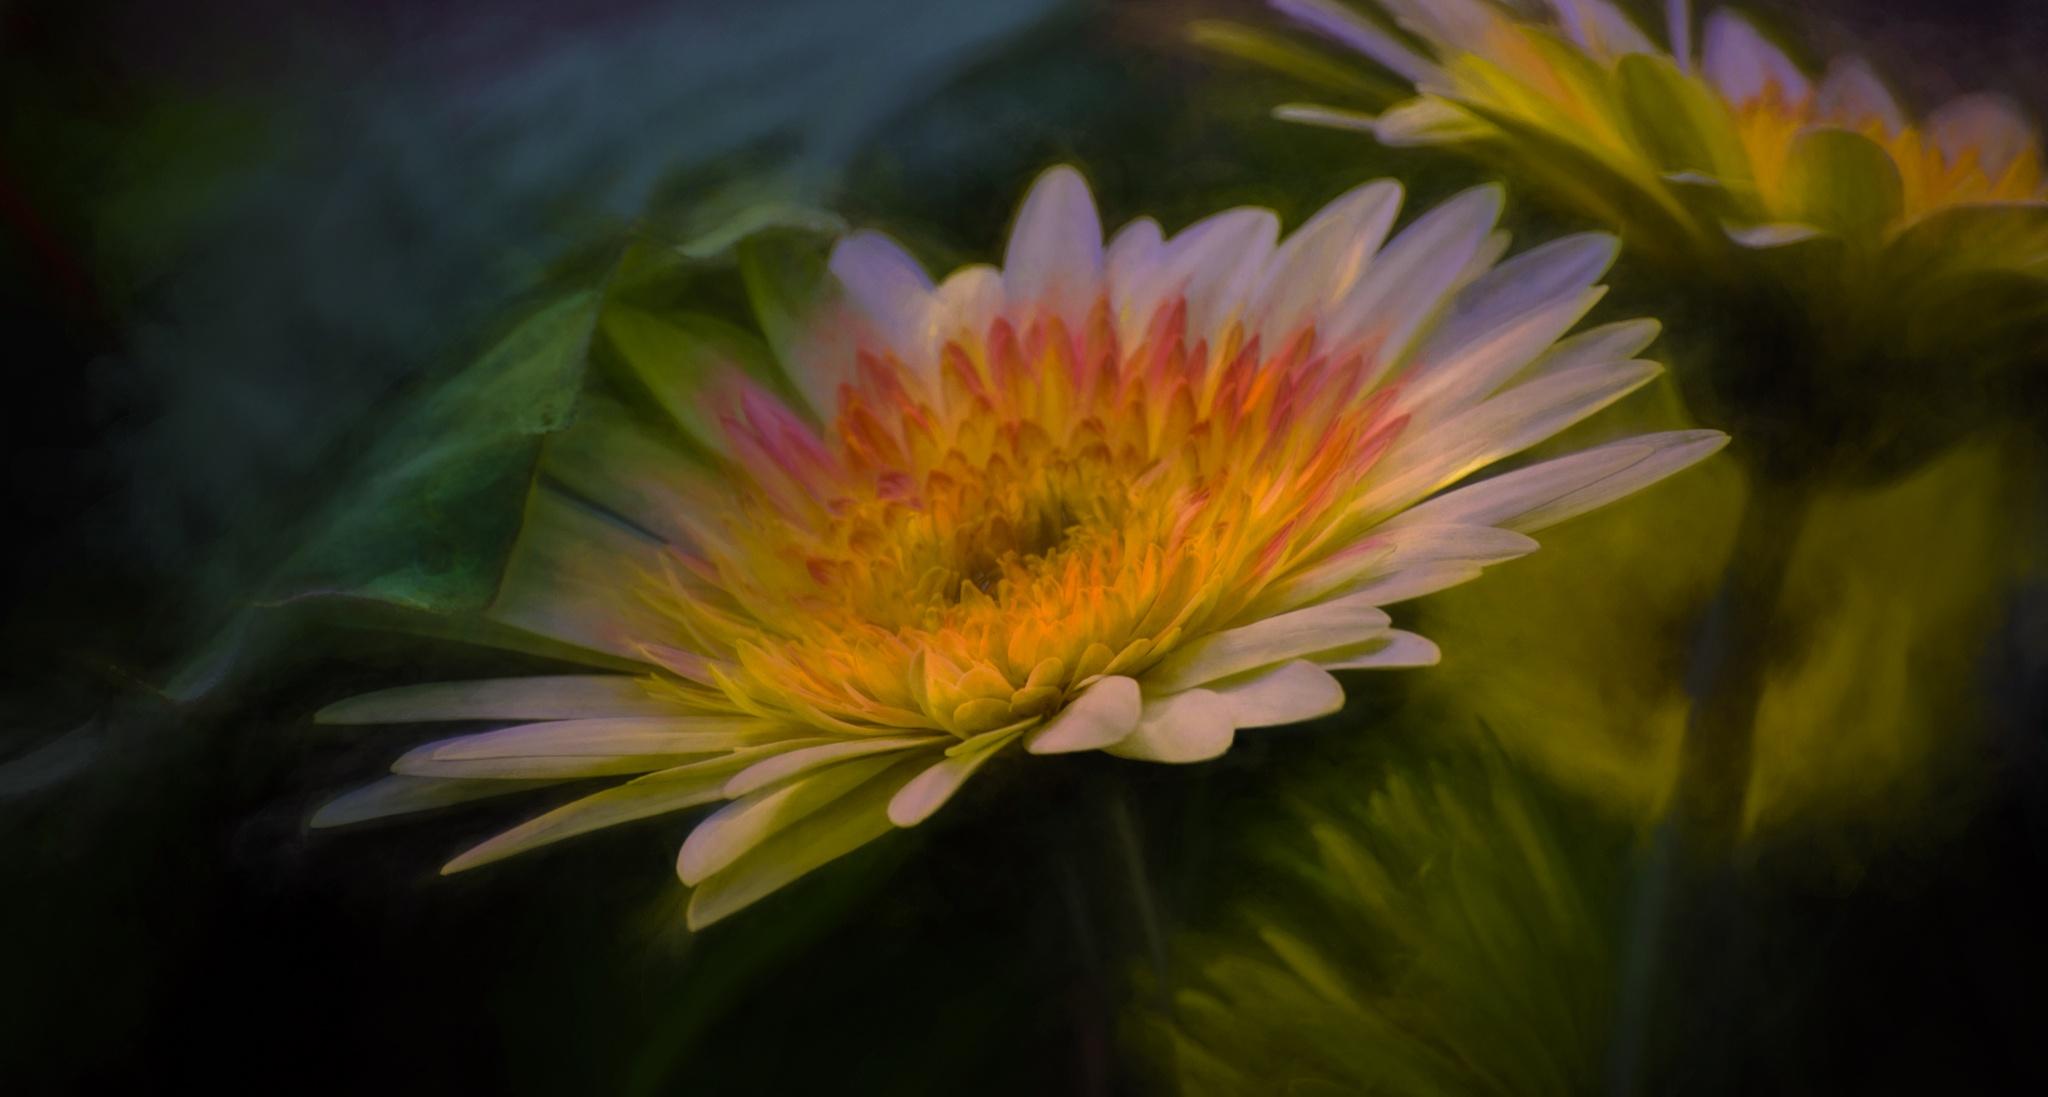 Garden Light by JohnEllingson